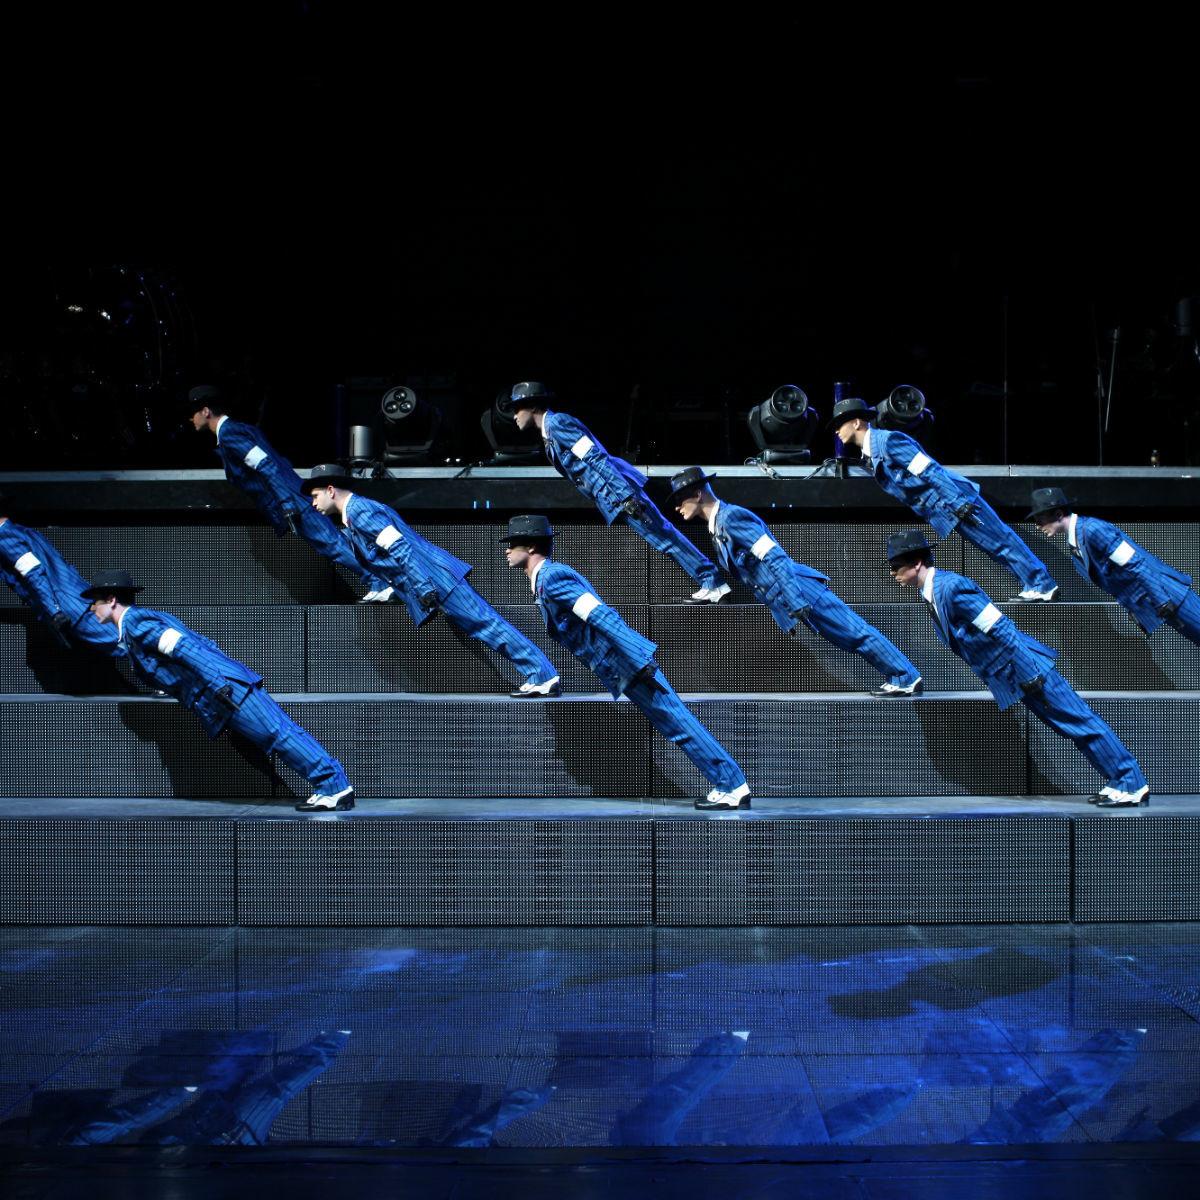 Cirque du Soleil presents Michael Jackson The Immortal World Tour